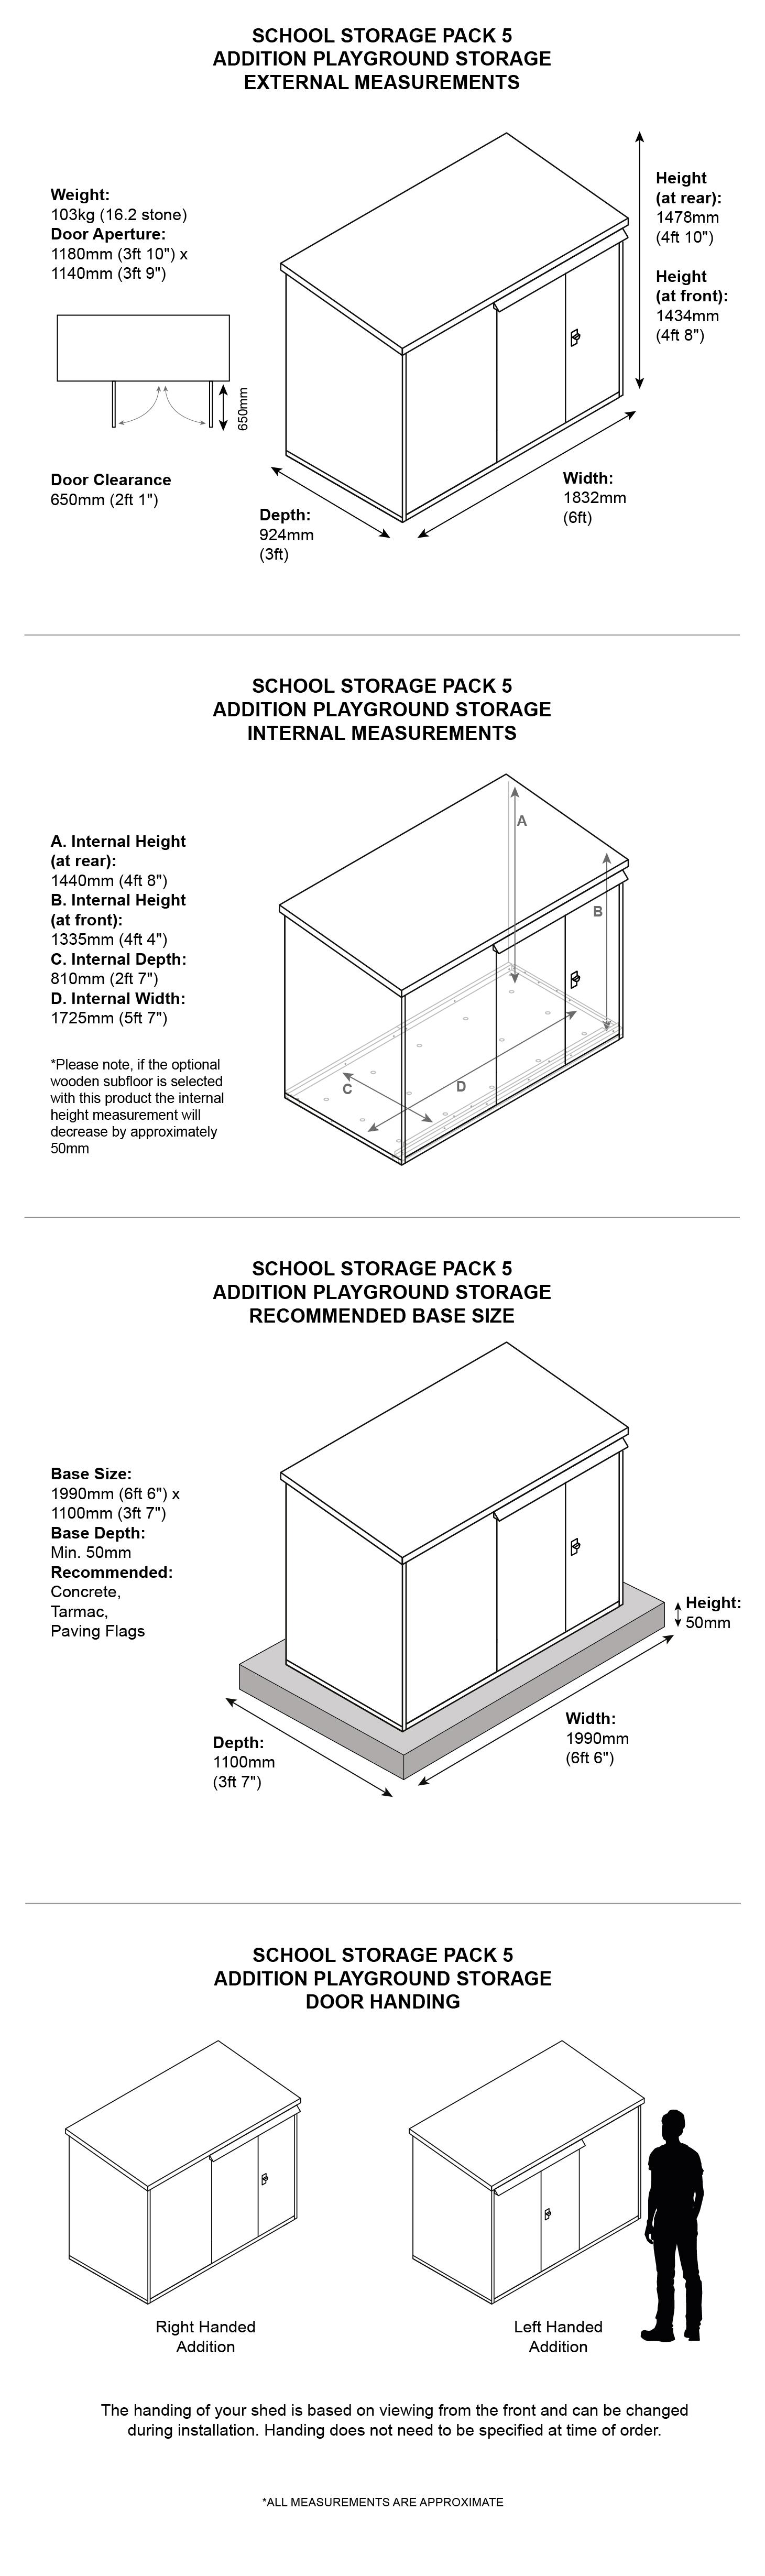 School Storage Pack 5 Dimensions